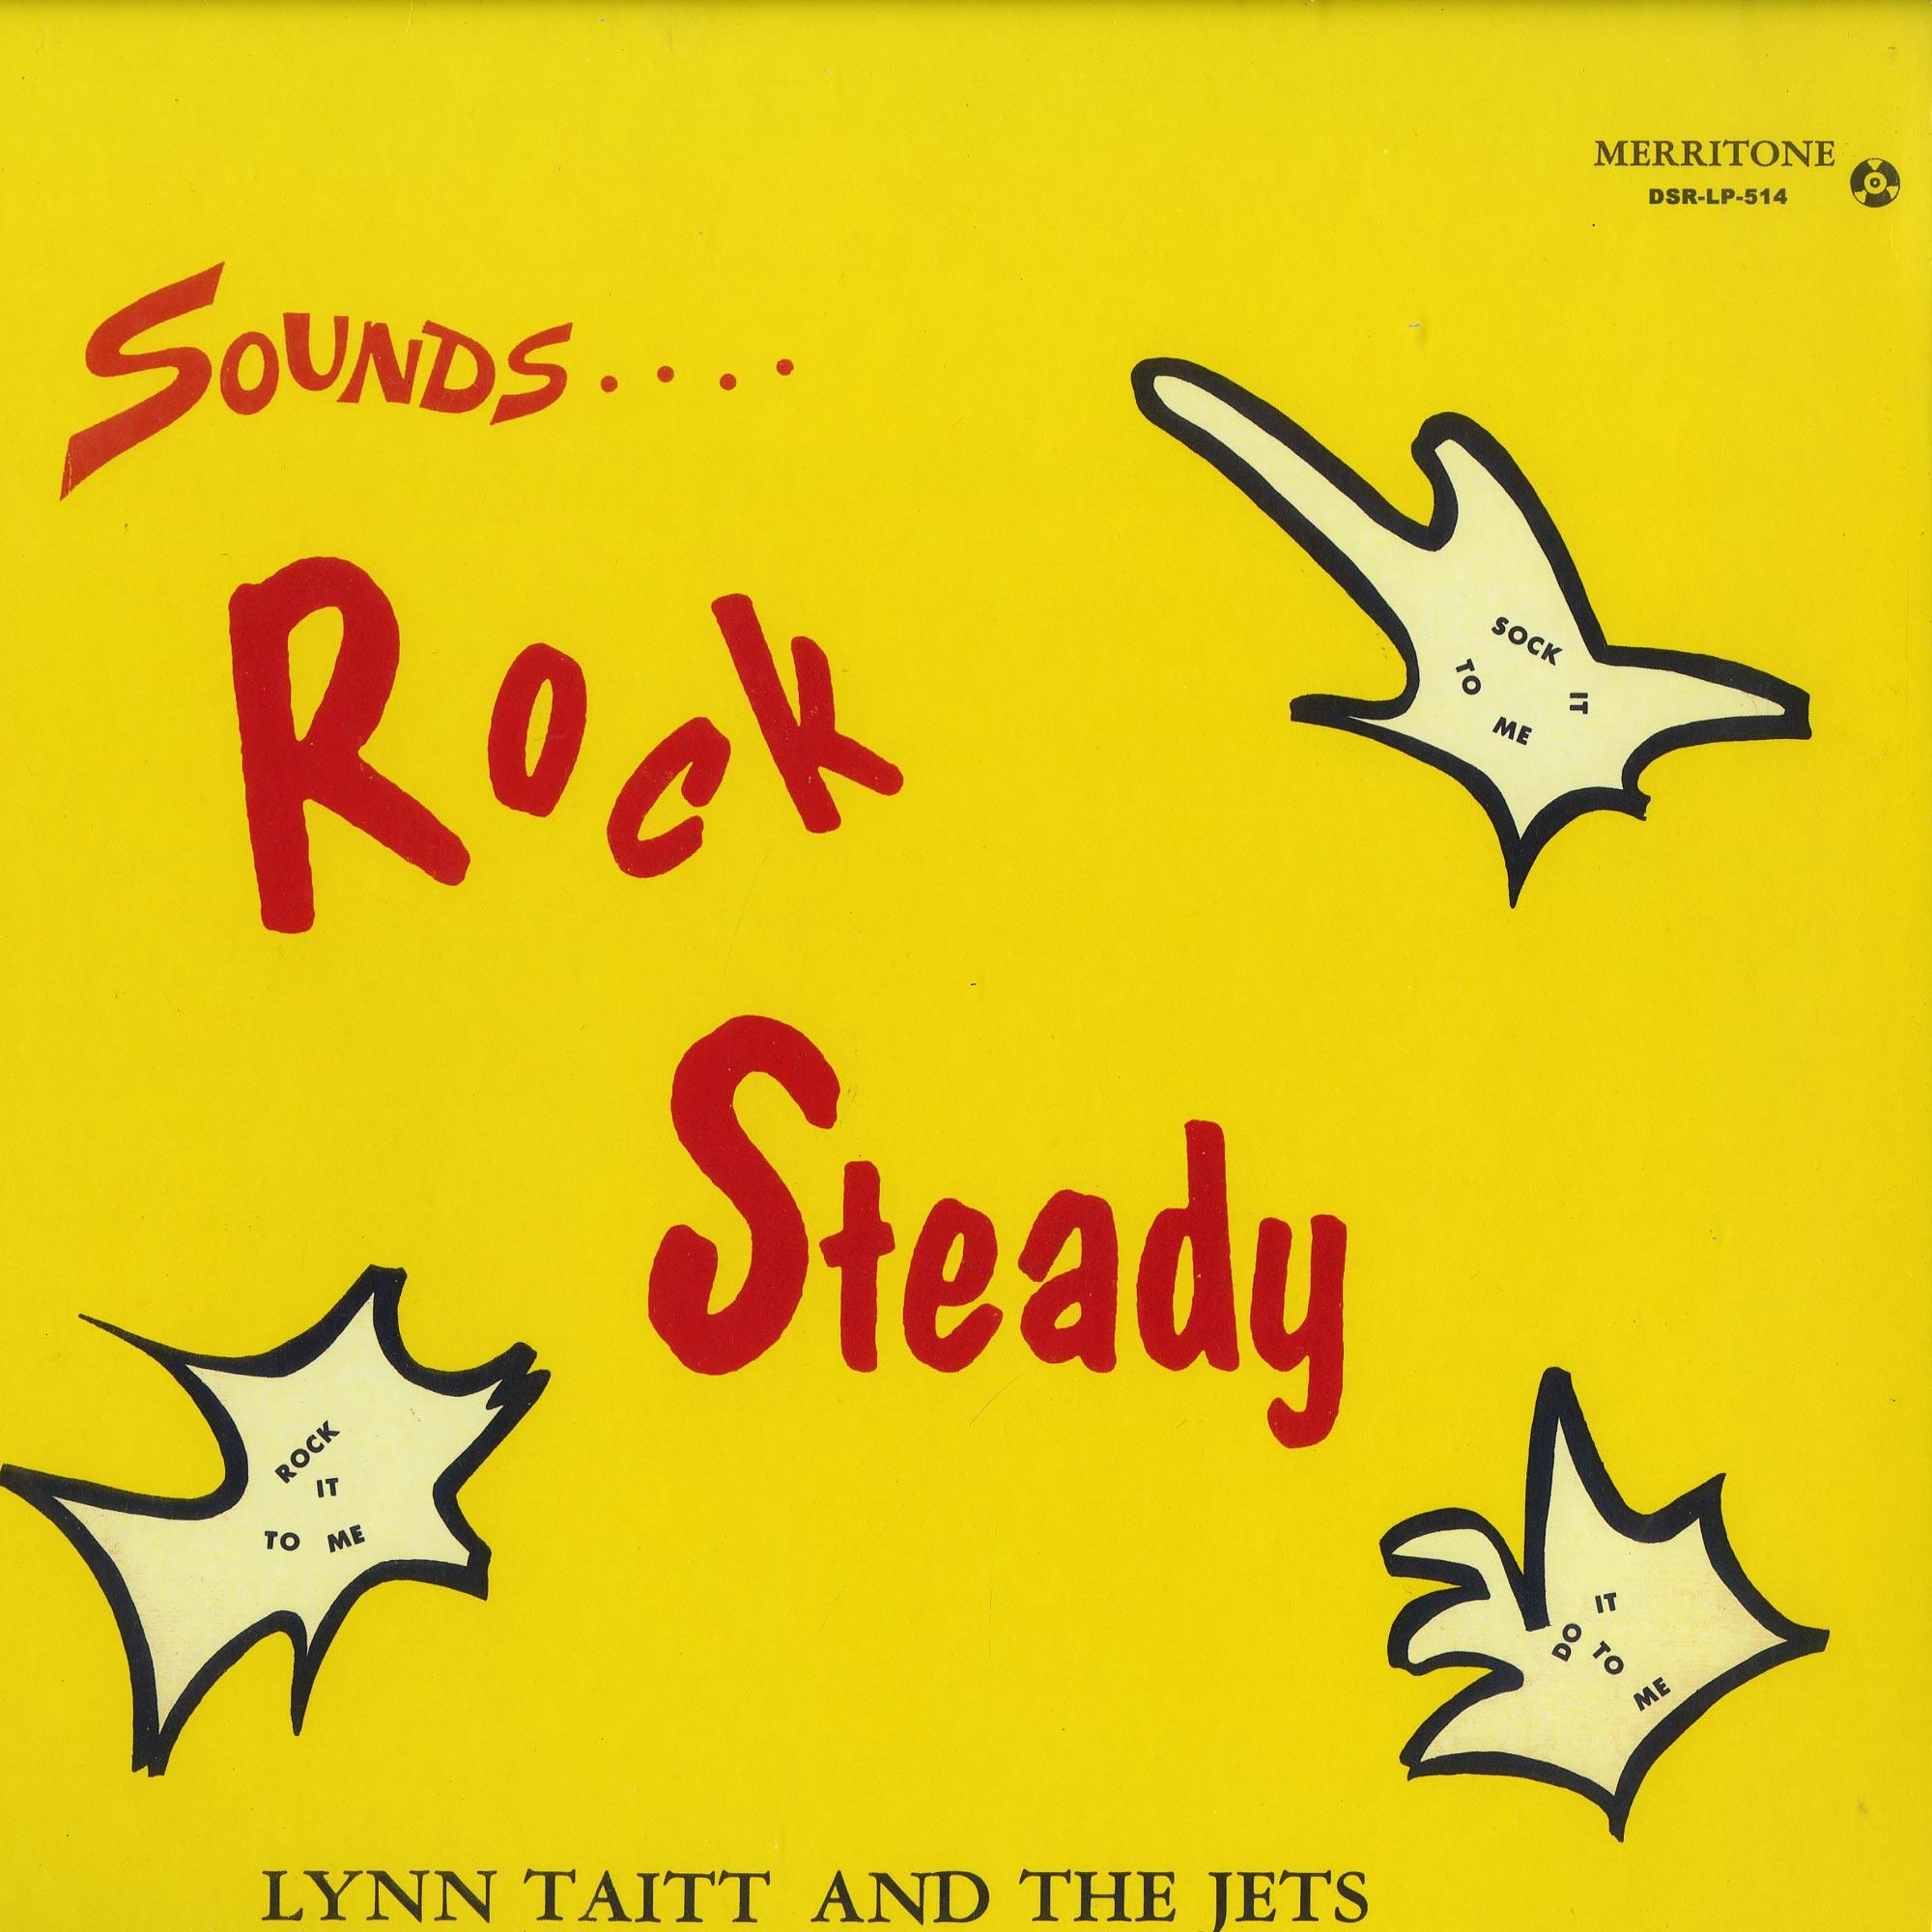 Lynn Taitt & The Jets - SOUNDS ROCK STEADY